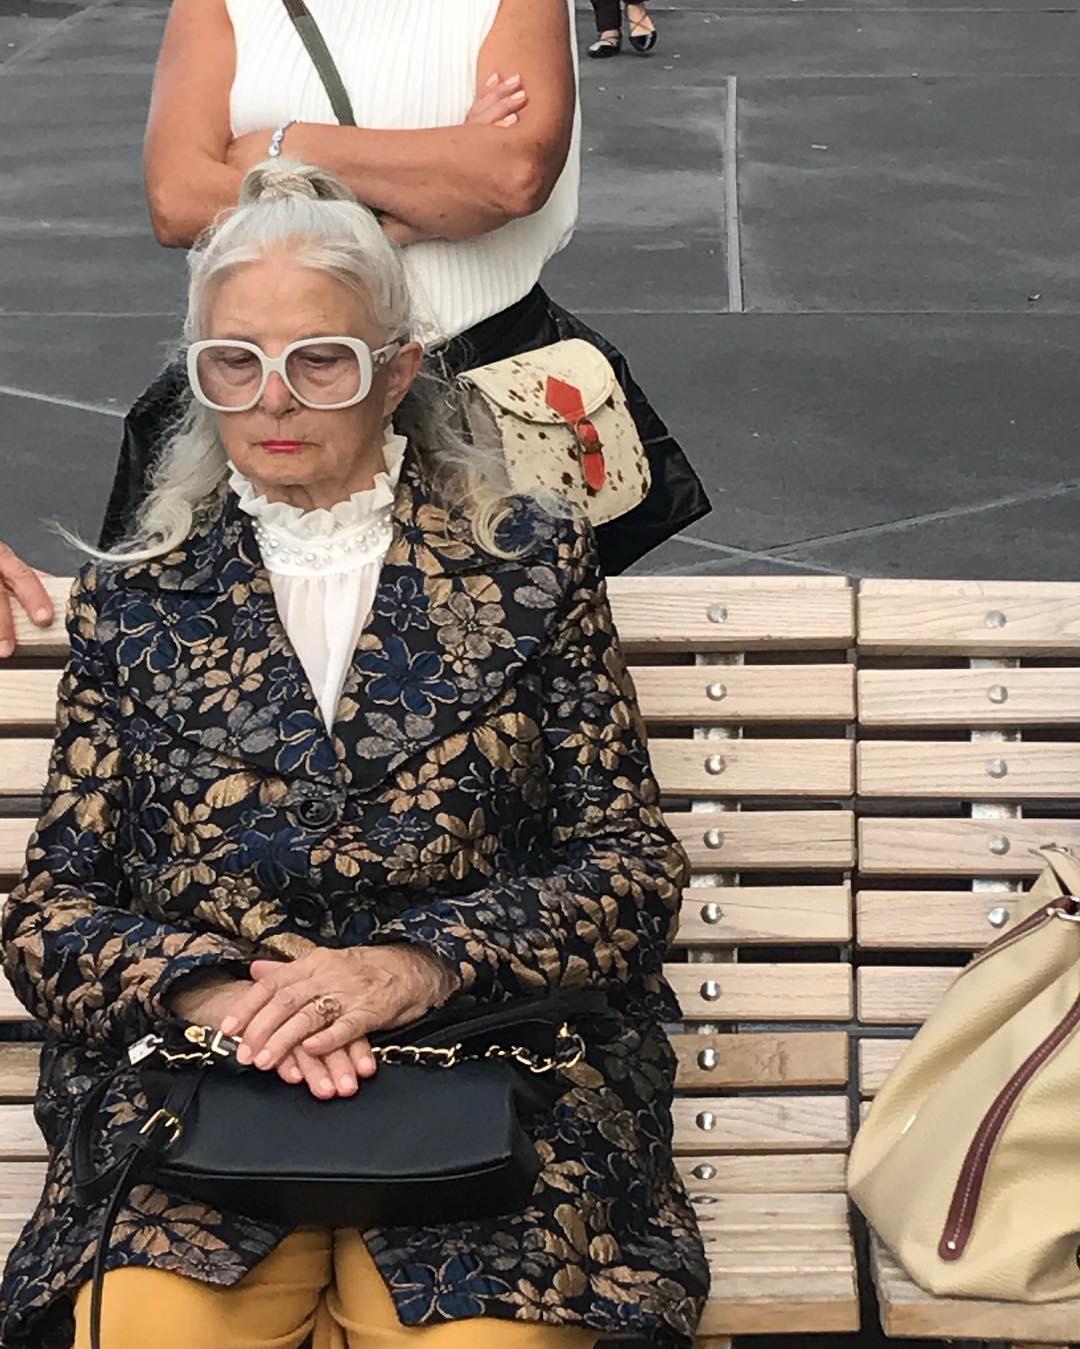 mujer sentada en banco